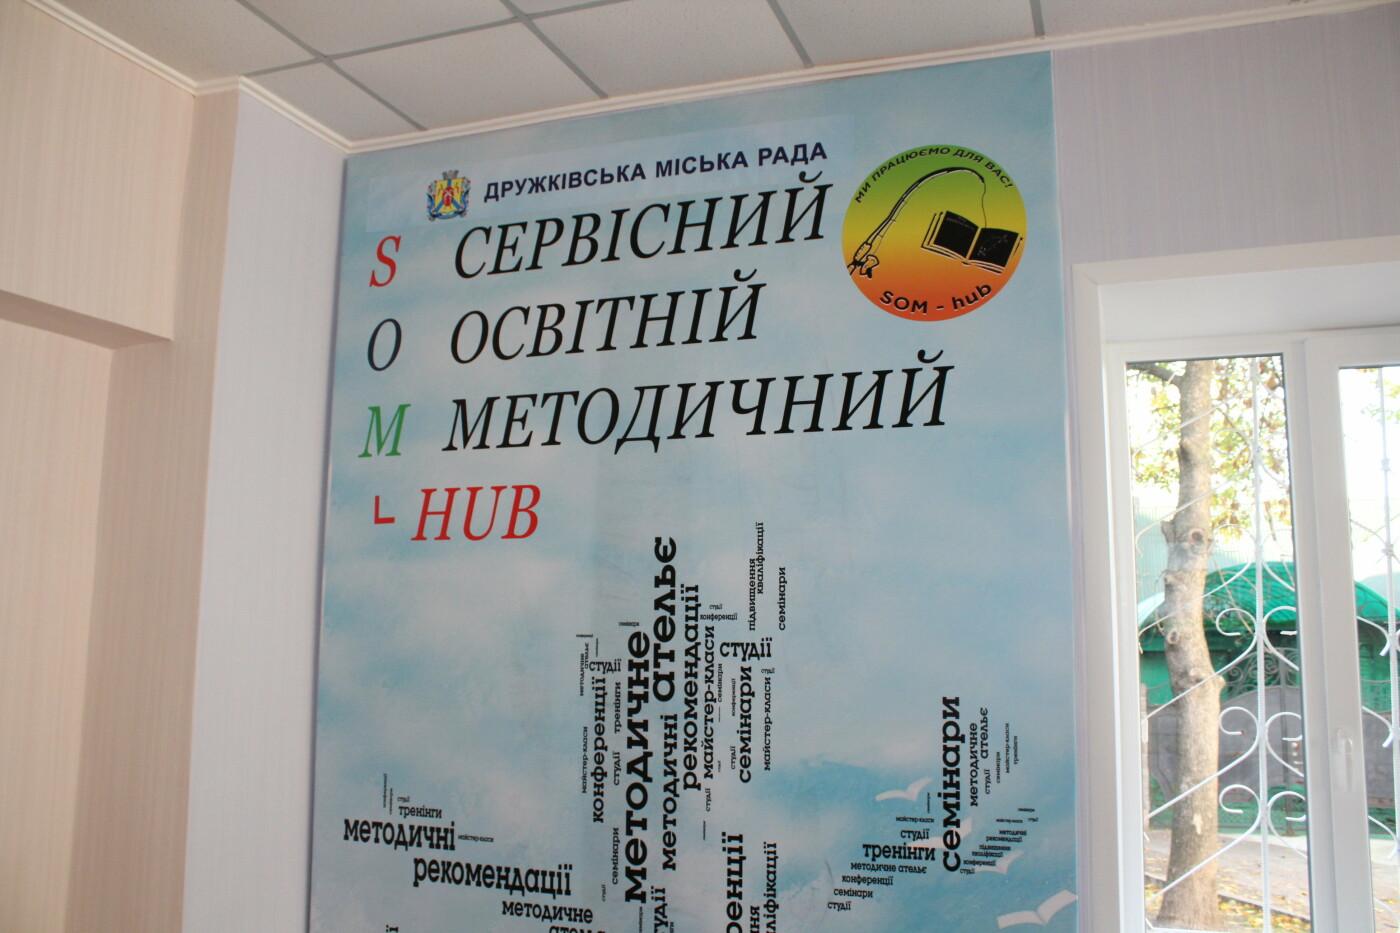 В Дружковке открыли многофункциональный образовательный методический центр , фото-2